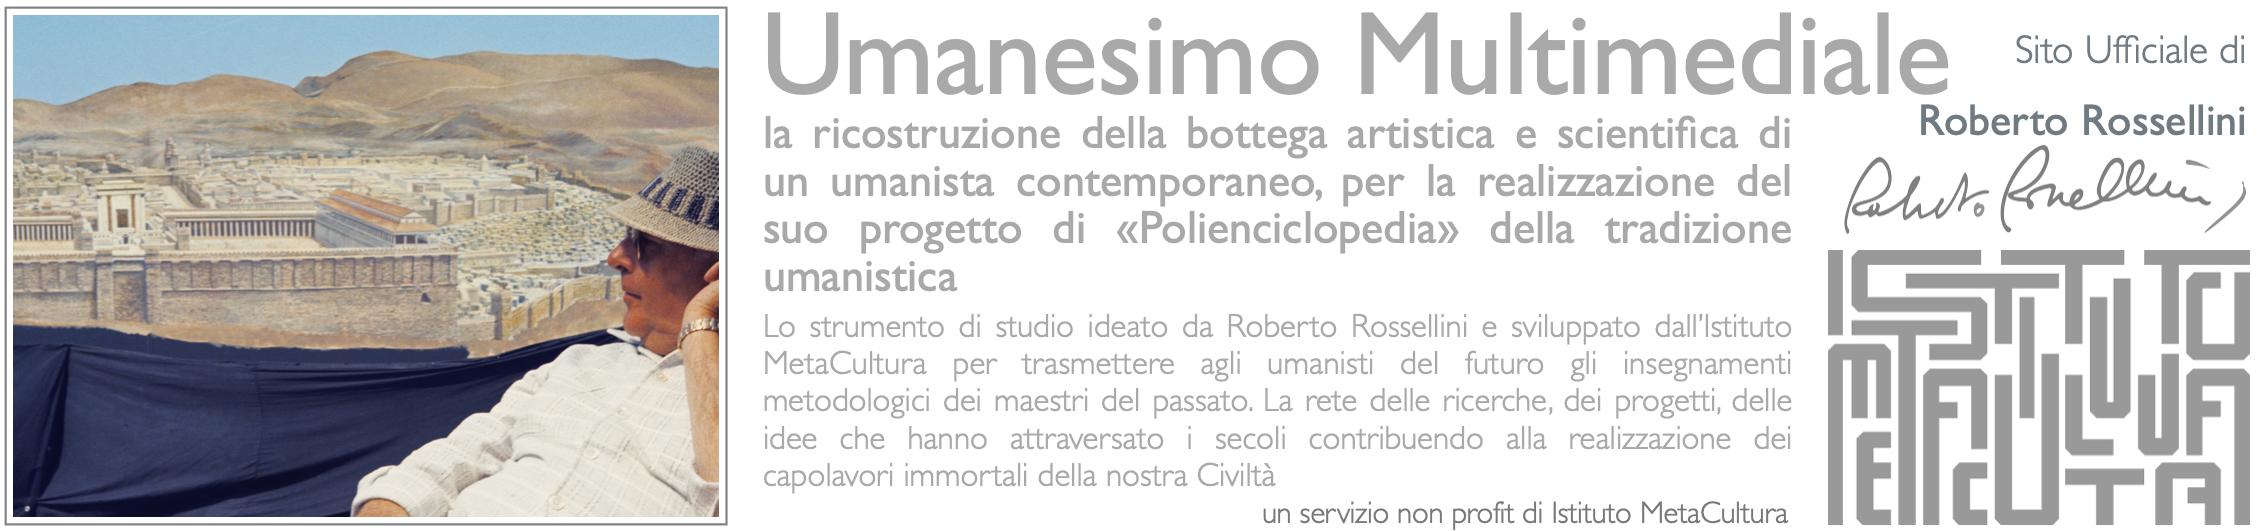 La Fondazione Roberto Rossellini